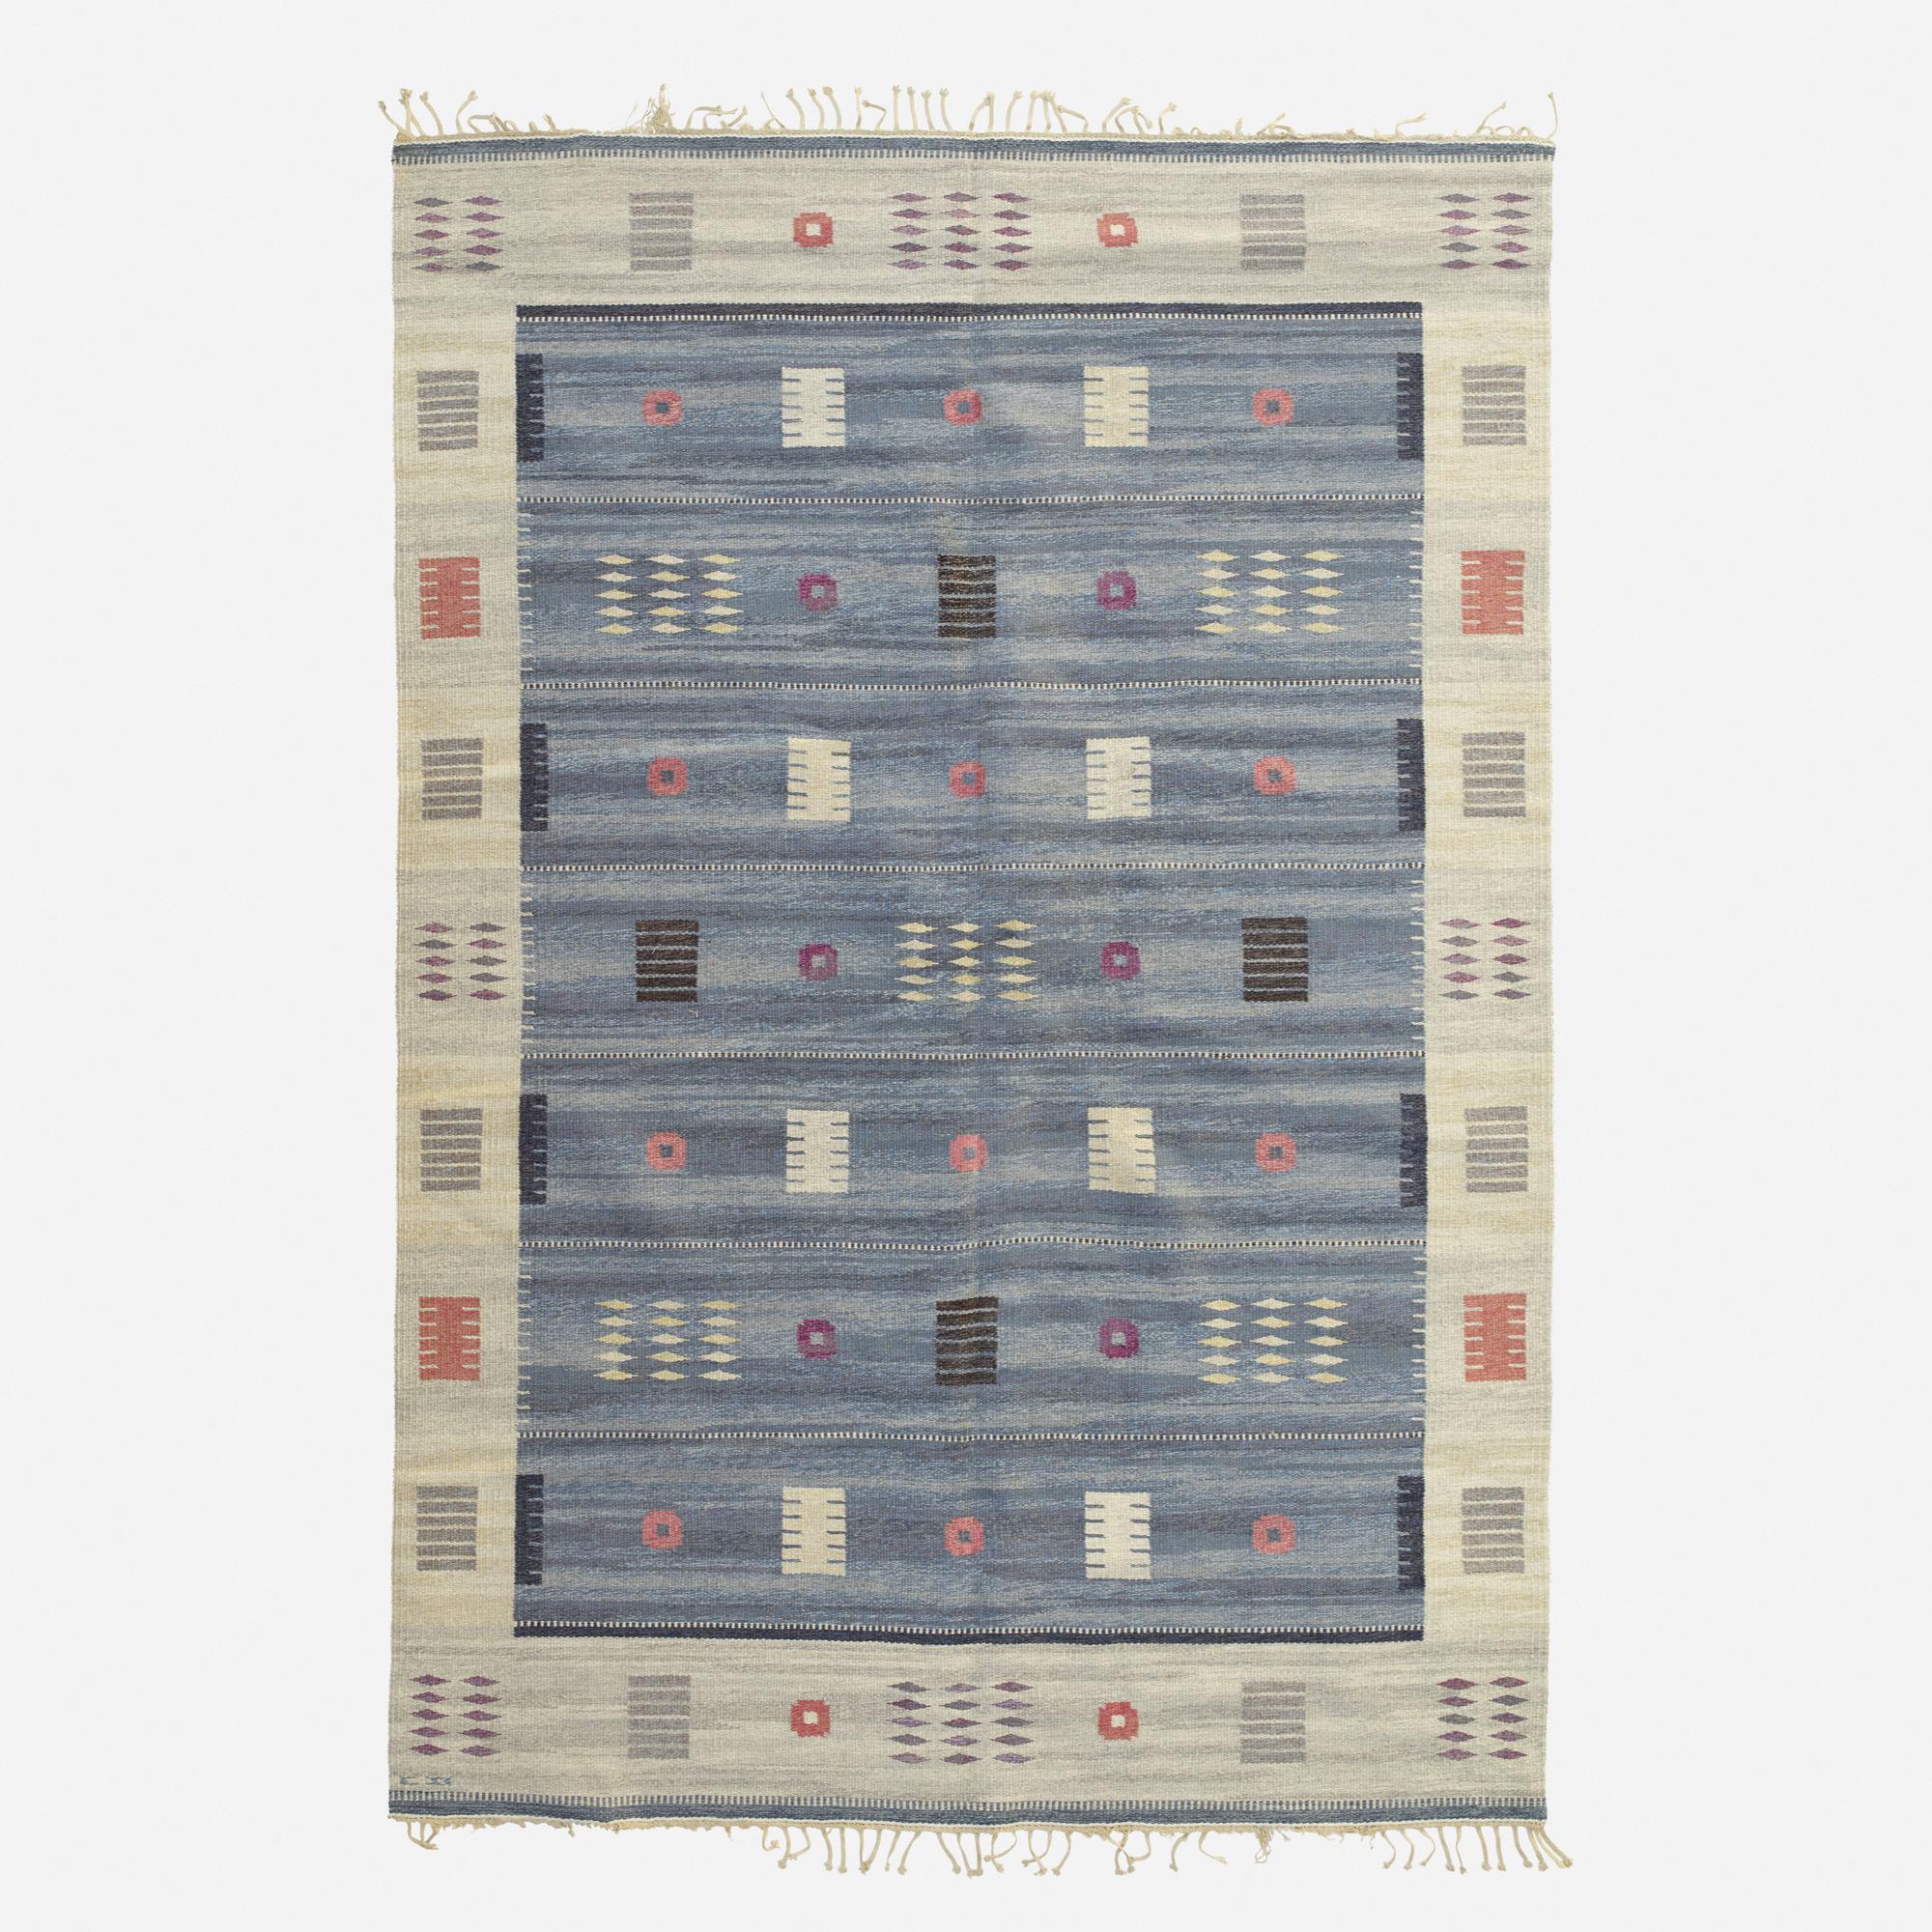 130: Carl Dagel / flatweave carpet (1 of 2)